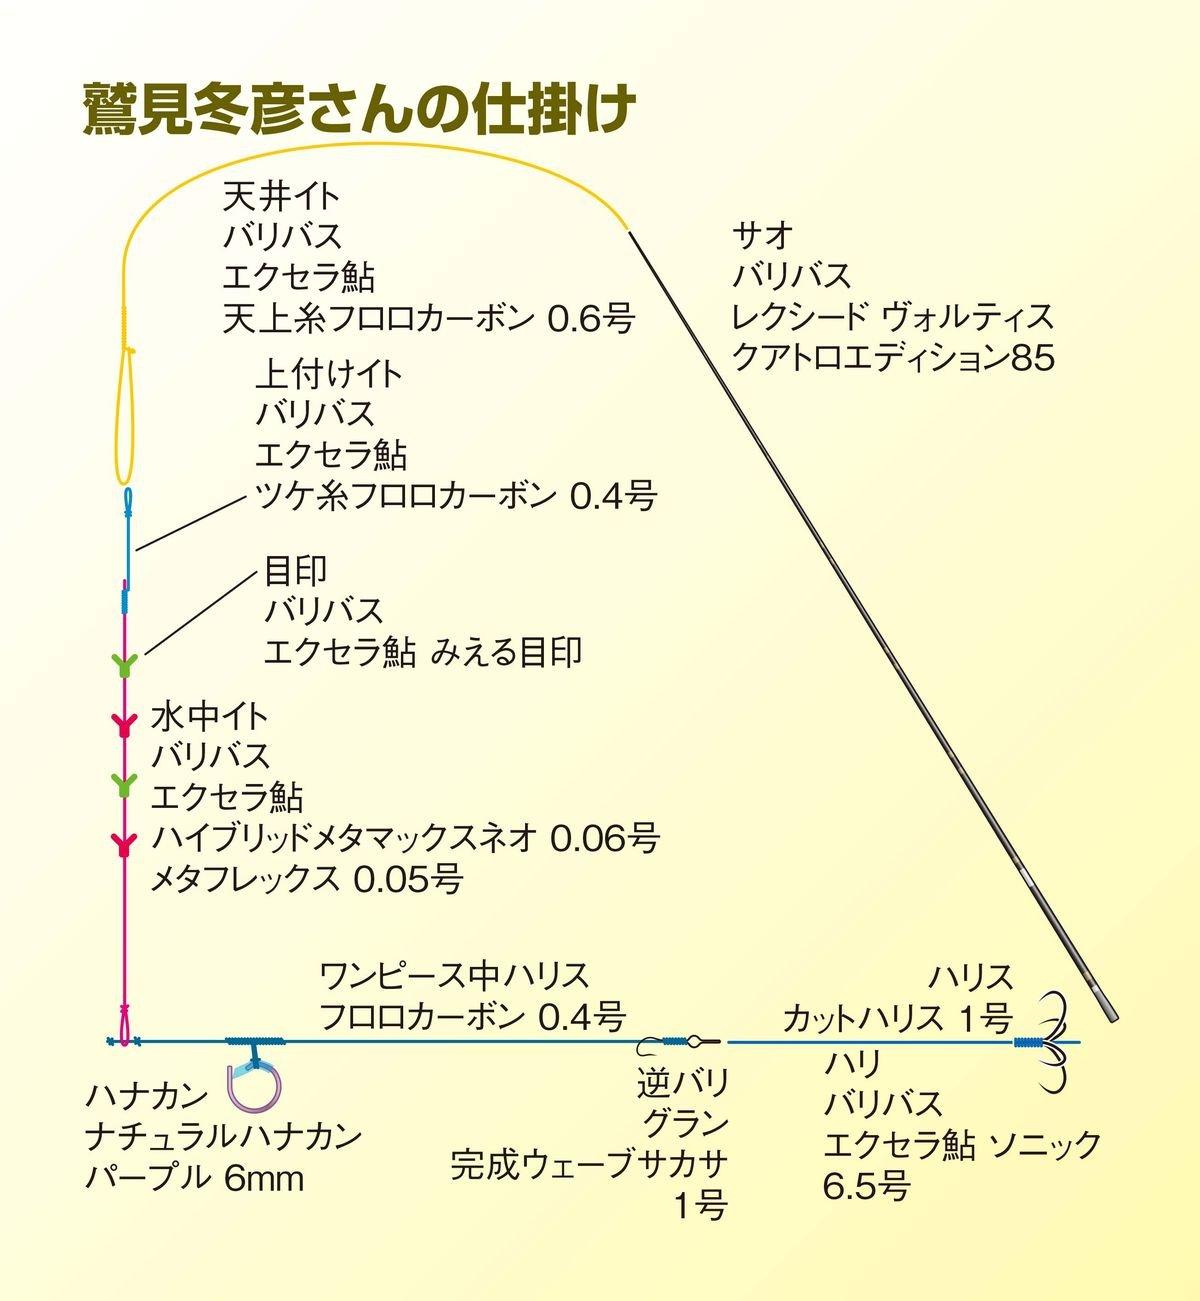 028-033sumi-yoshida_cs6 (1)